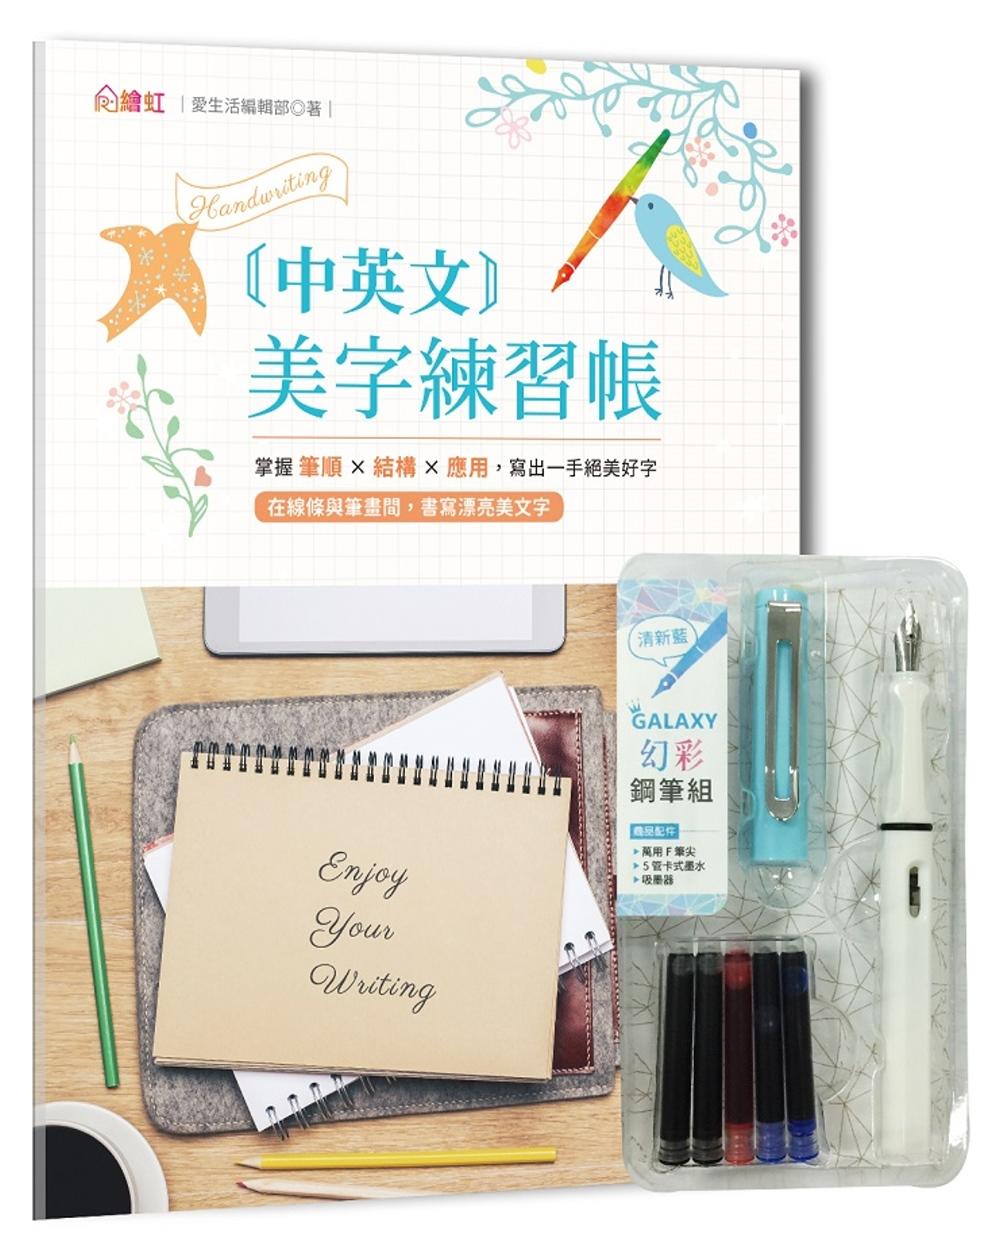 中英文美字練習帳:掌握筆順╳結構╳應用,寫出一手絕美好字(附GALAXY幻彩鋼筆組 清新藍)